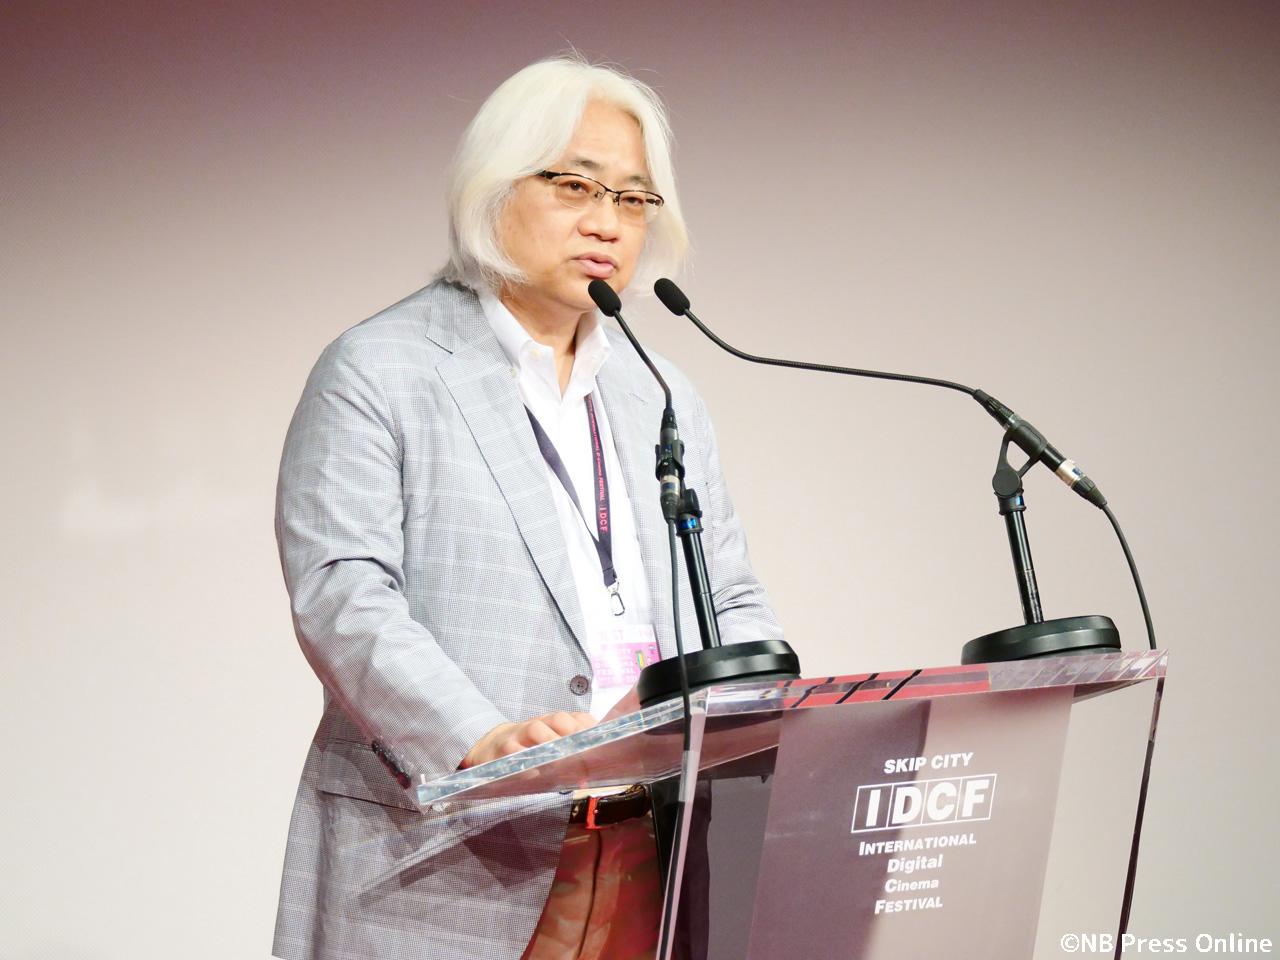 桝井省志 氏 - SKIPシティ国際Dシネマ映画祭2018